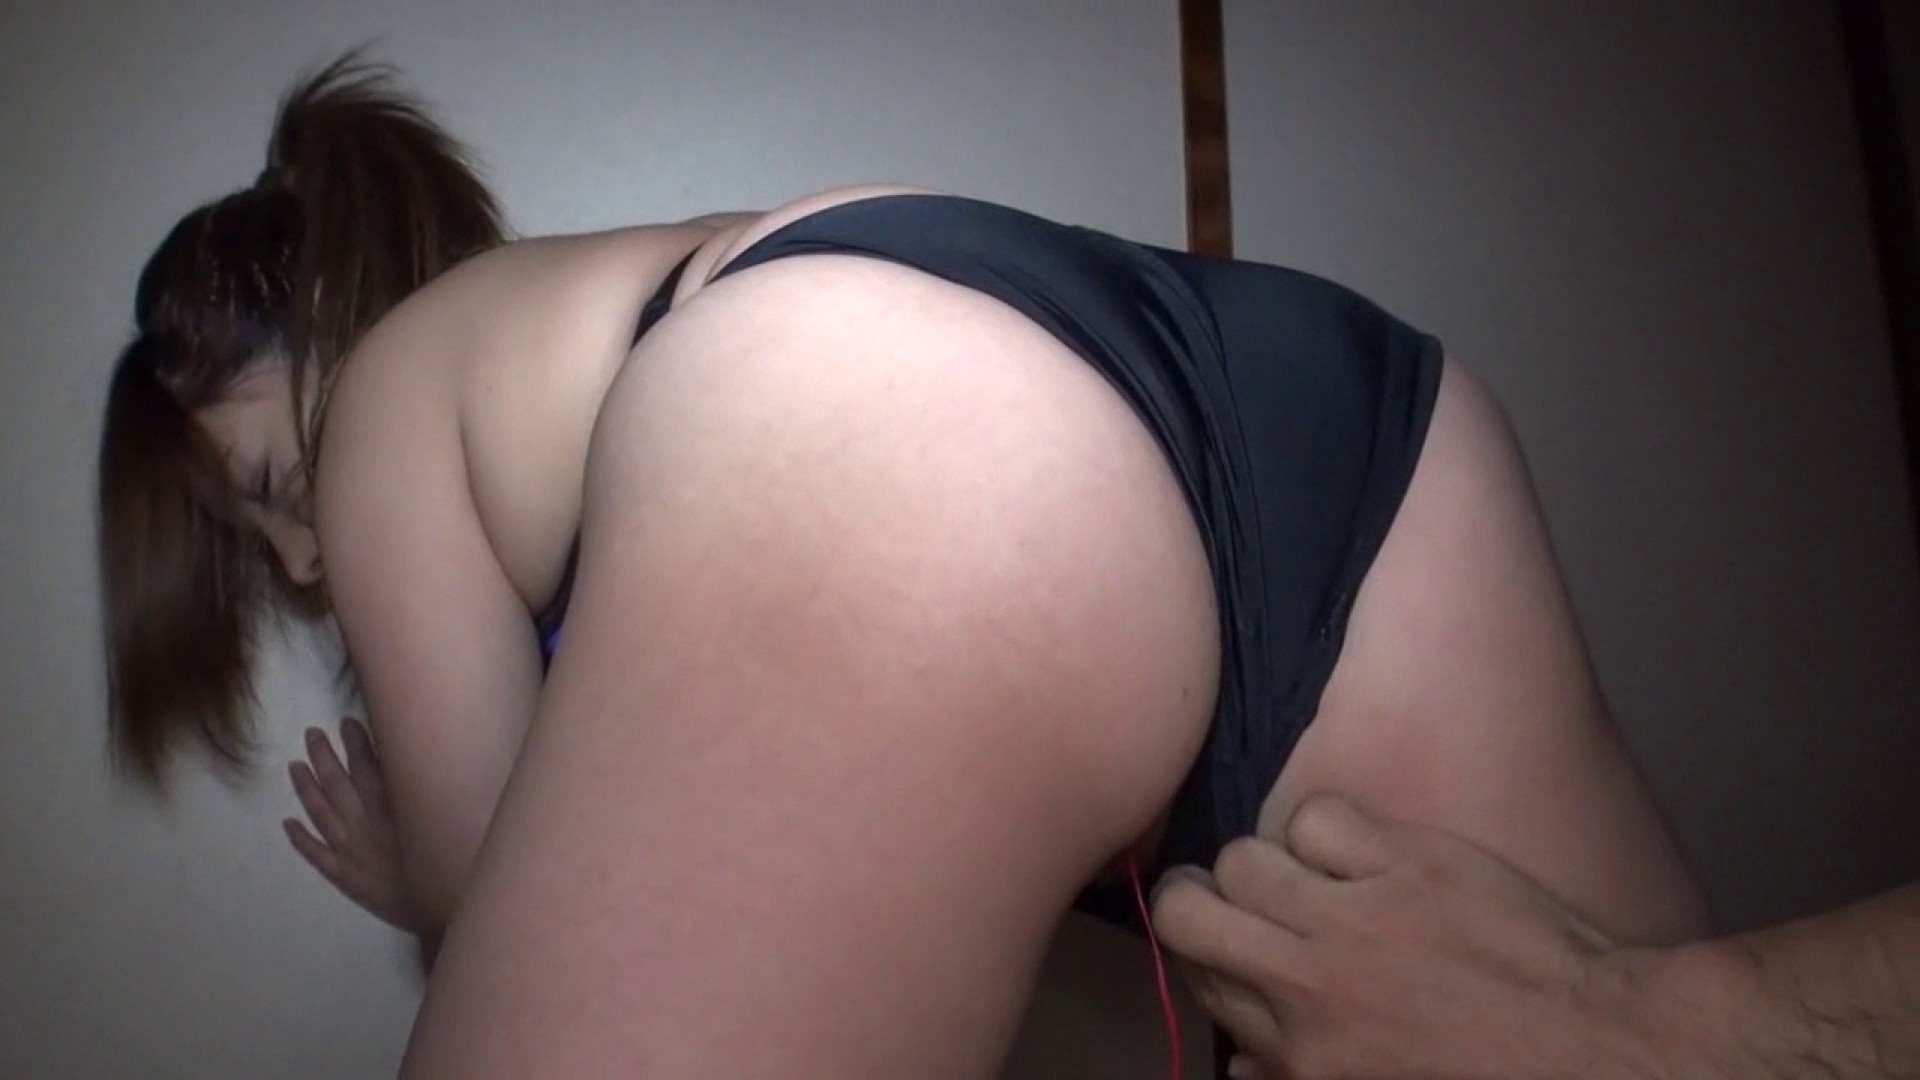 おしえてギャル子のH塾 Vol.16 前編 一般投稿 セックス画像 87pic 44